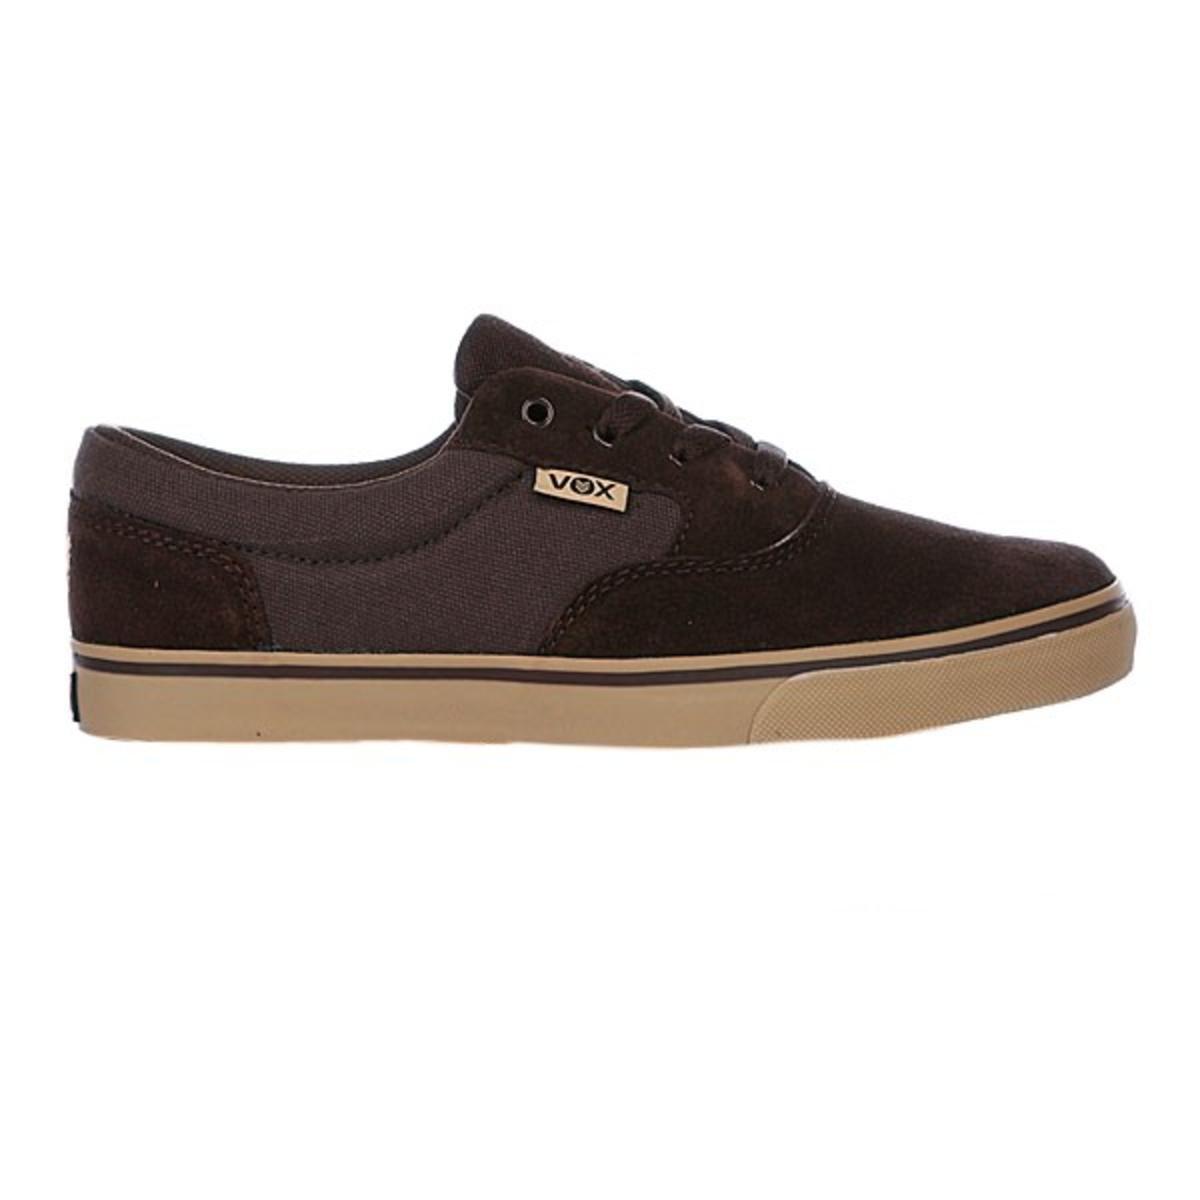 Vox Skateboard Schuhe Kruzer braun Tan Gum